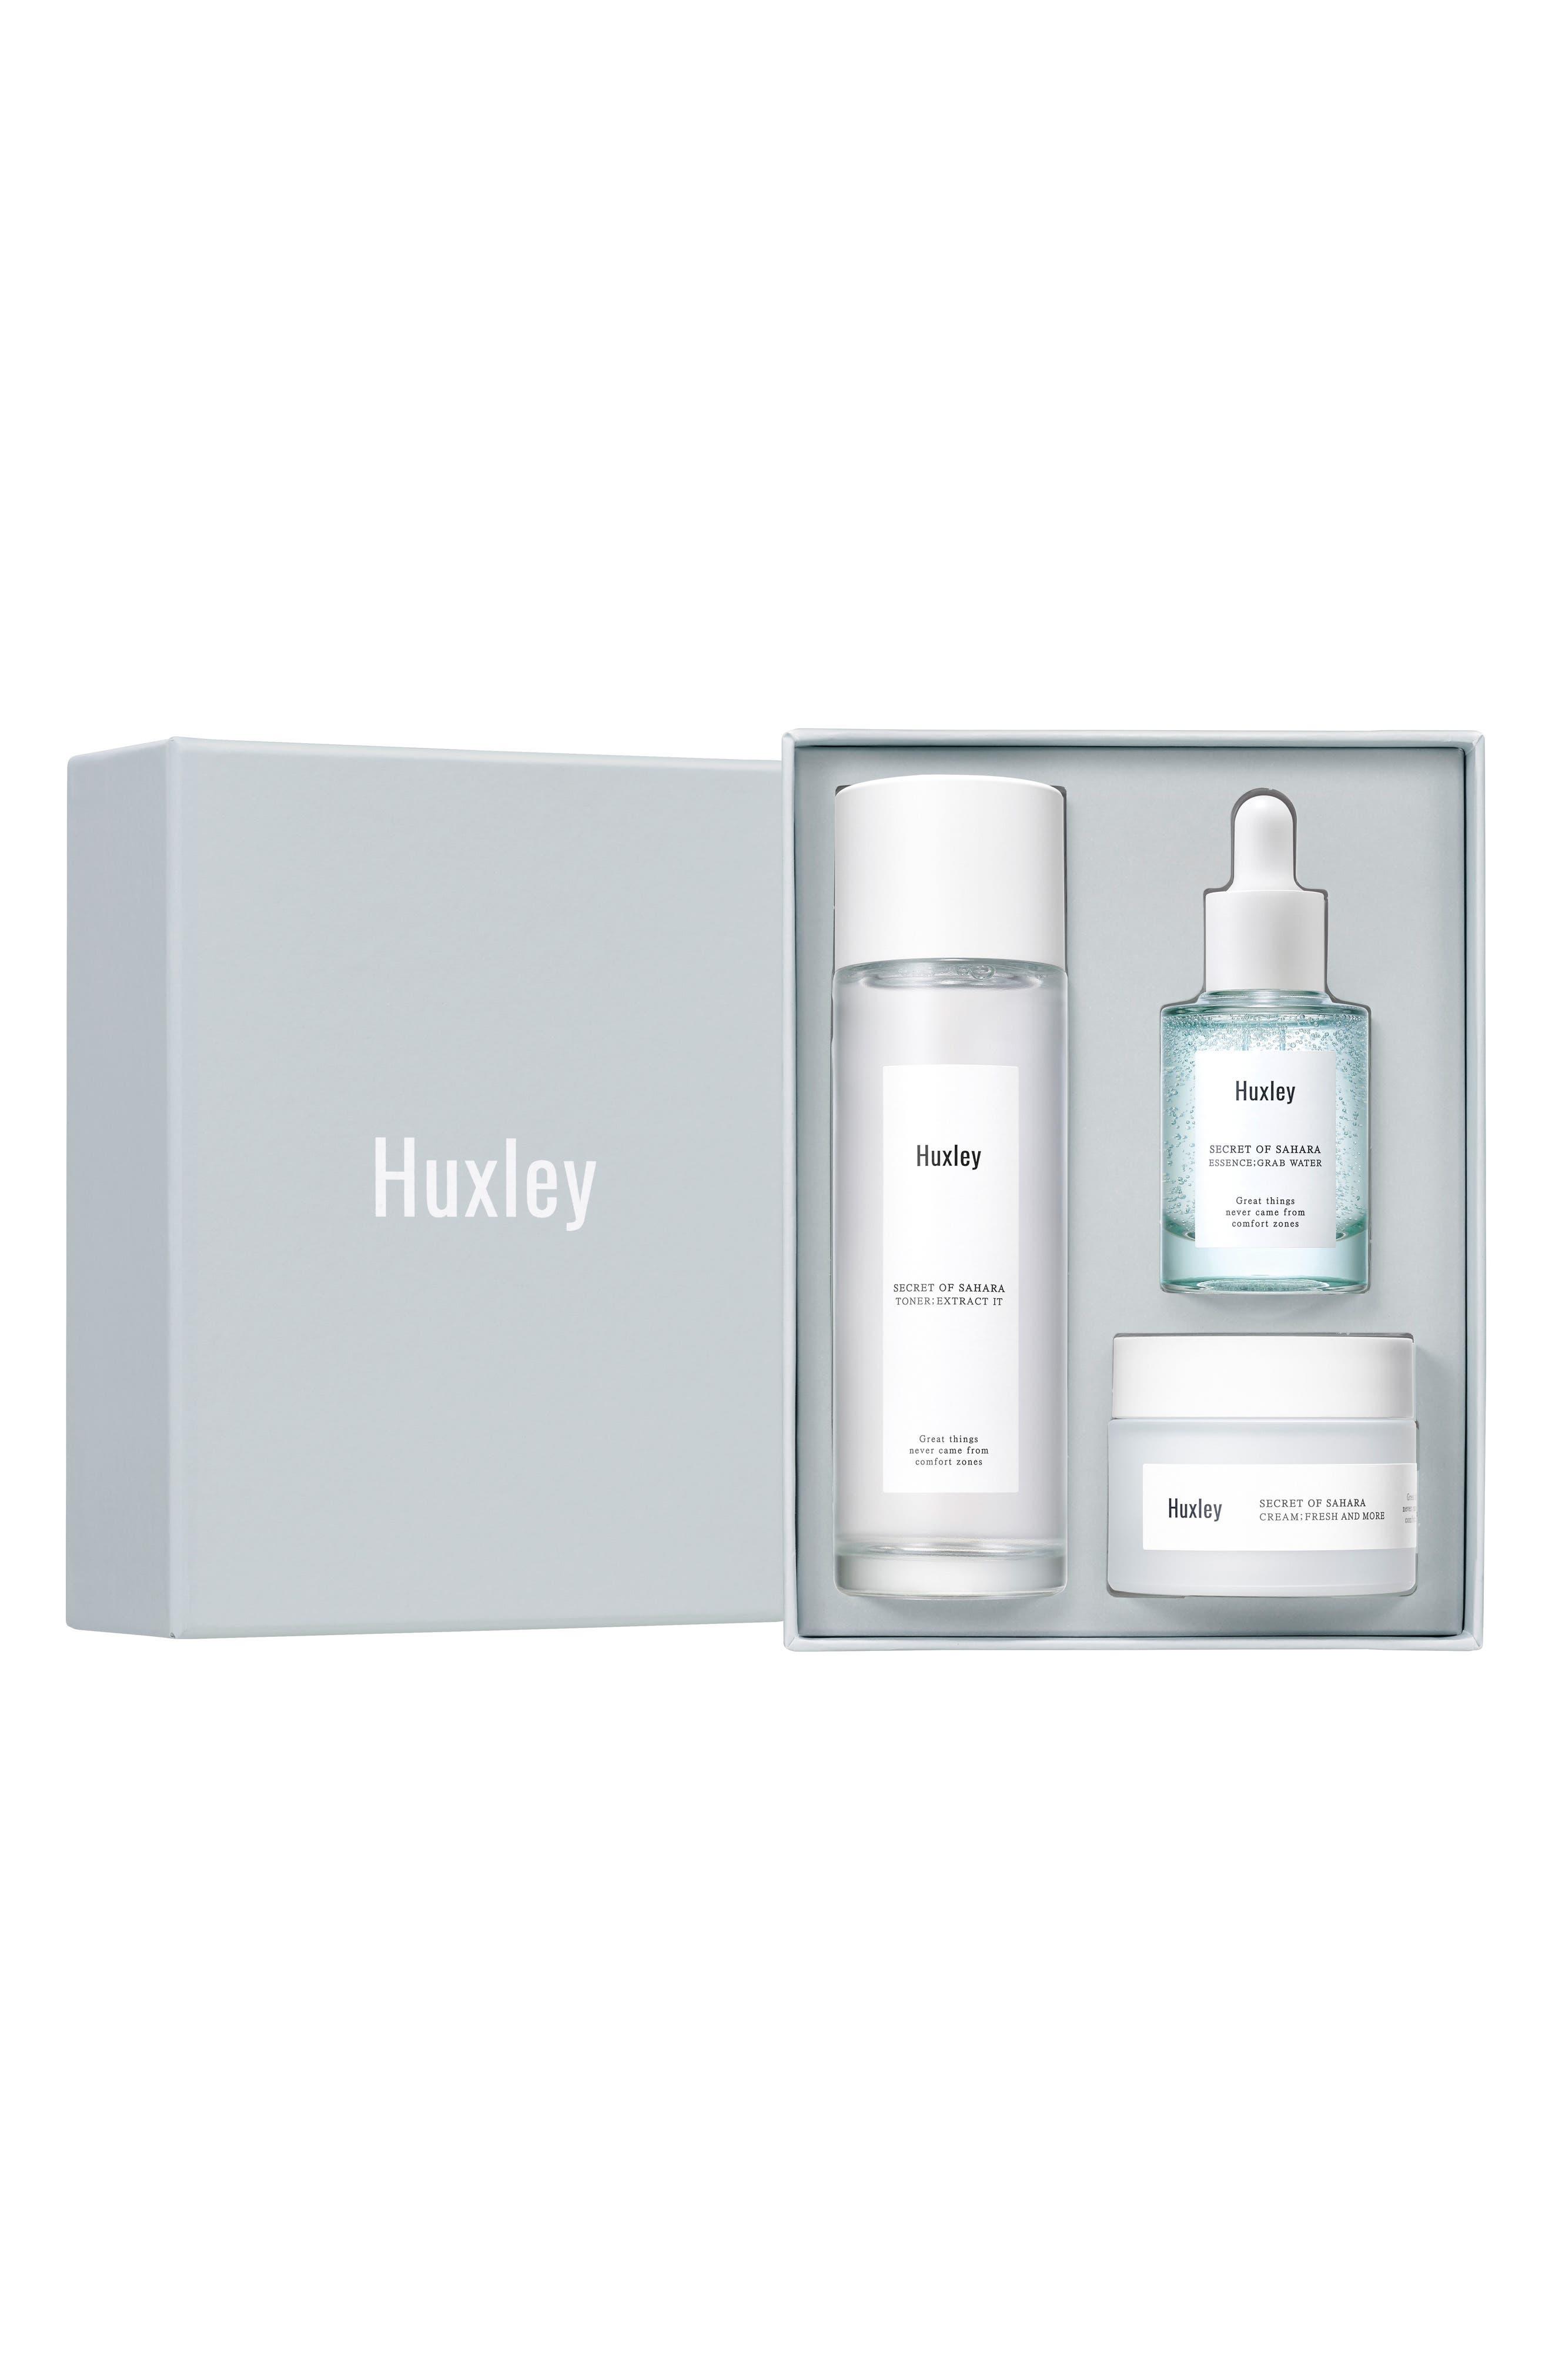 Huxley Hydration Trio ($141 Value)